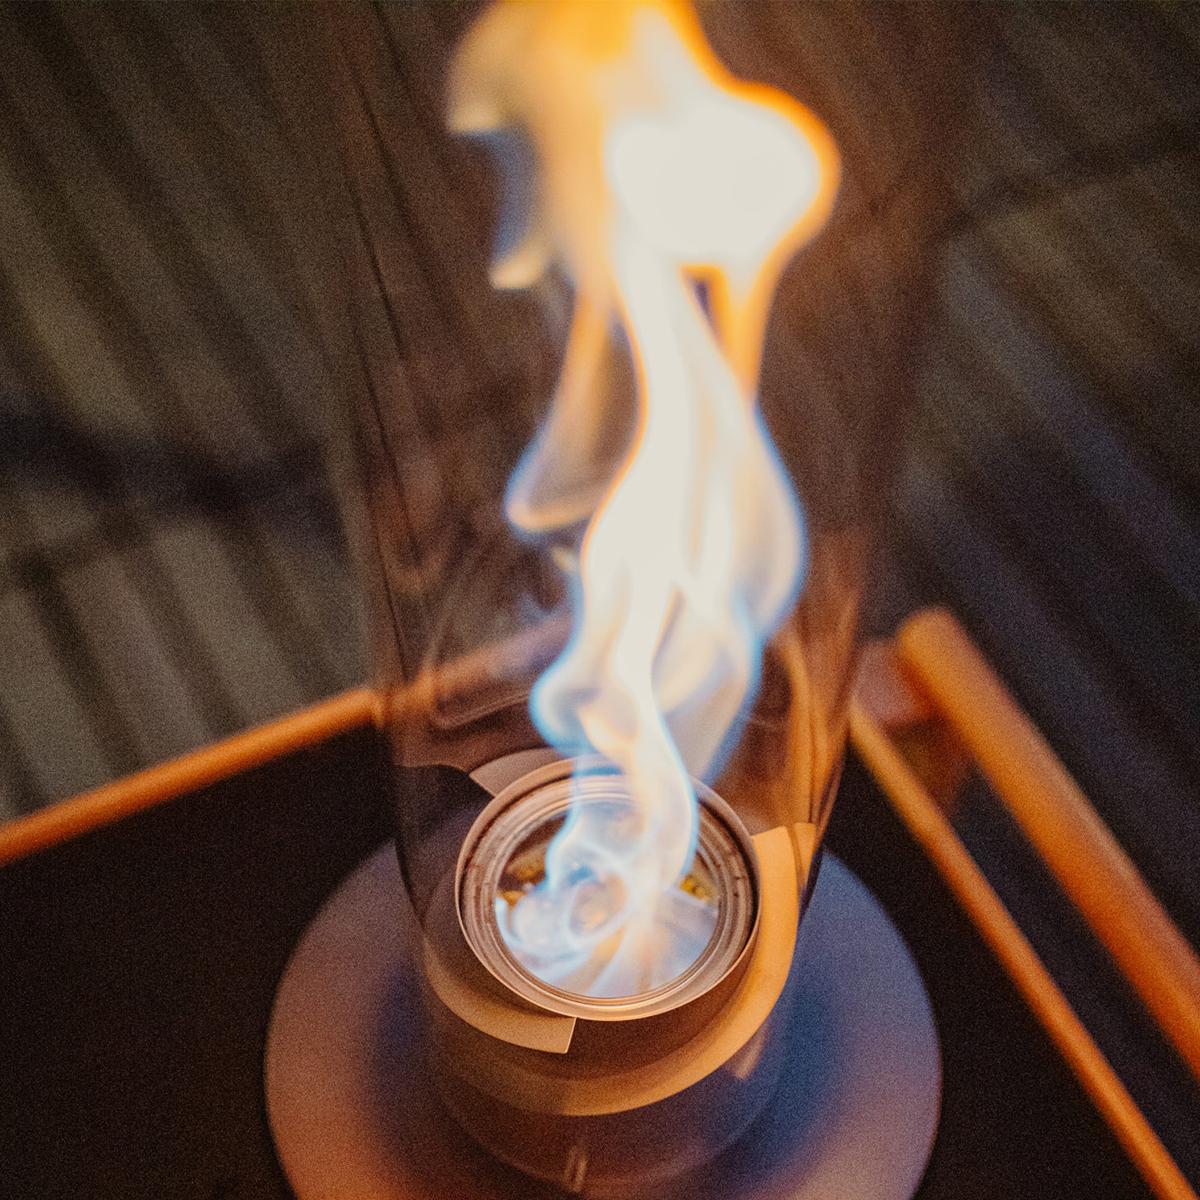 乾杯のあとは…「旋回ファイヤー!」|《オプション/燃料缶500ml × 6本セット》煙やニオイがほとんど出ない、安全仕様の「SPIN」専用ジェル状燃料|Höfats